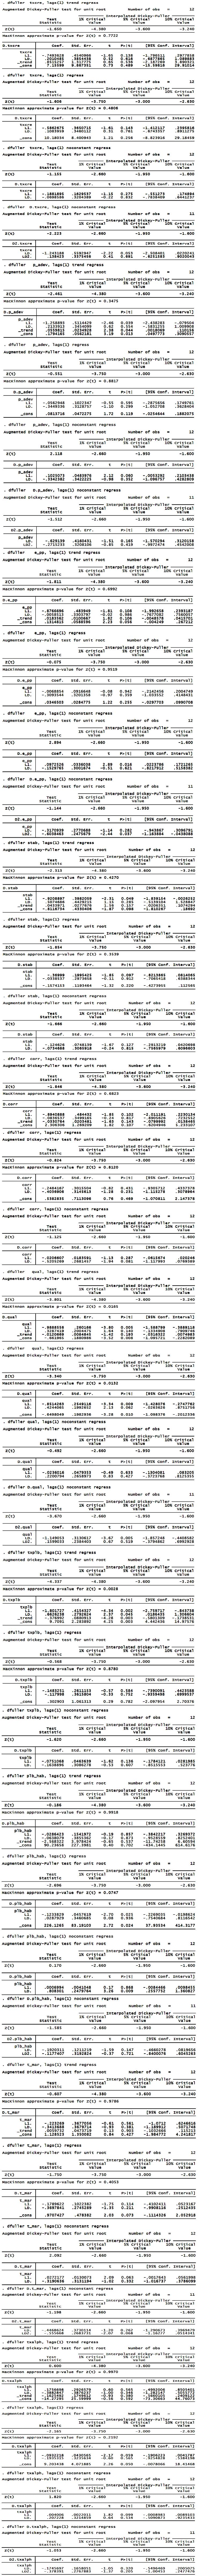 TABLEAUX DES TESTS DE STATIONNARITE DES VARIABLES